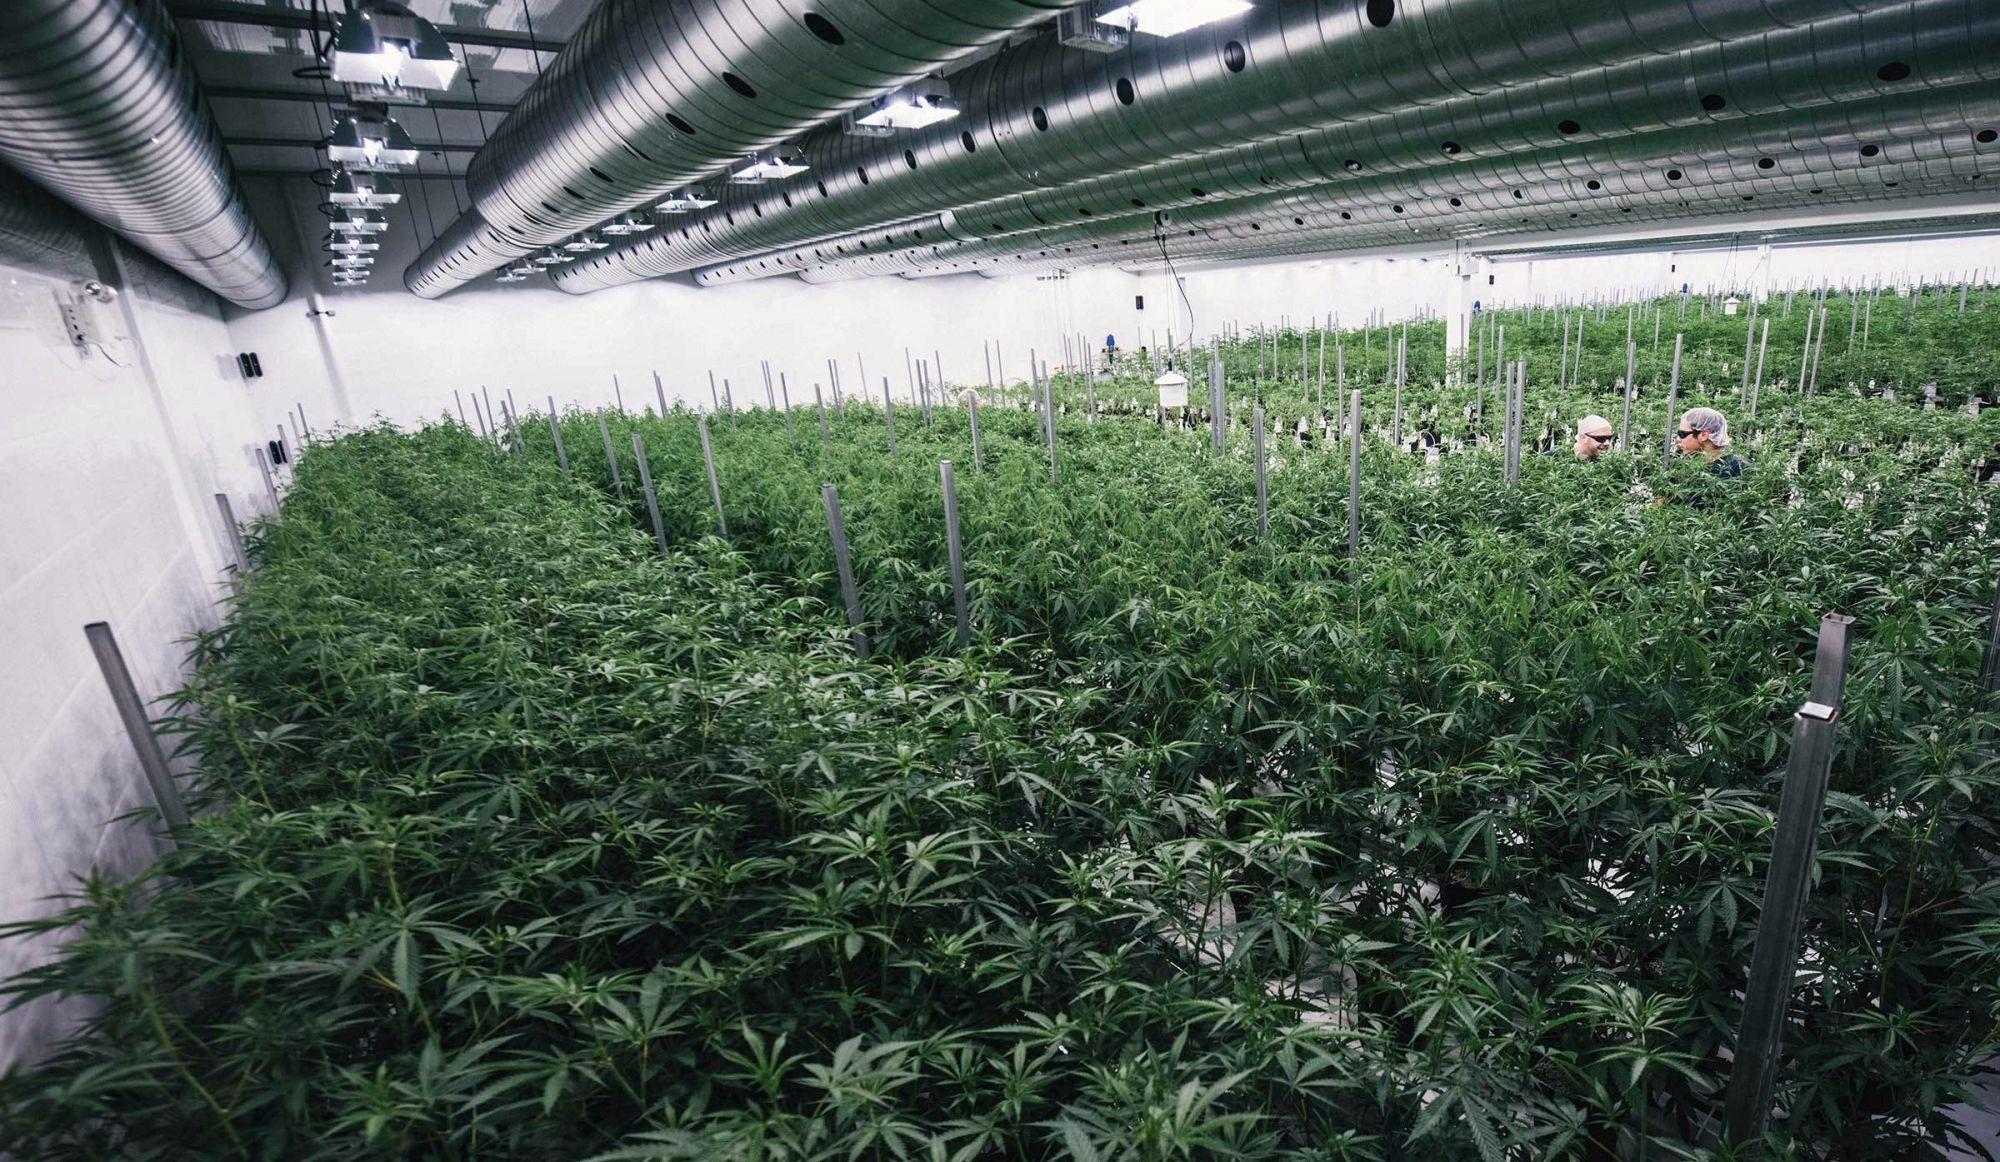 Envie de travailler dans une usine de cannabis?